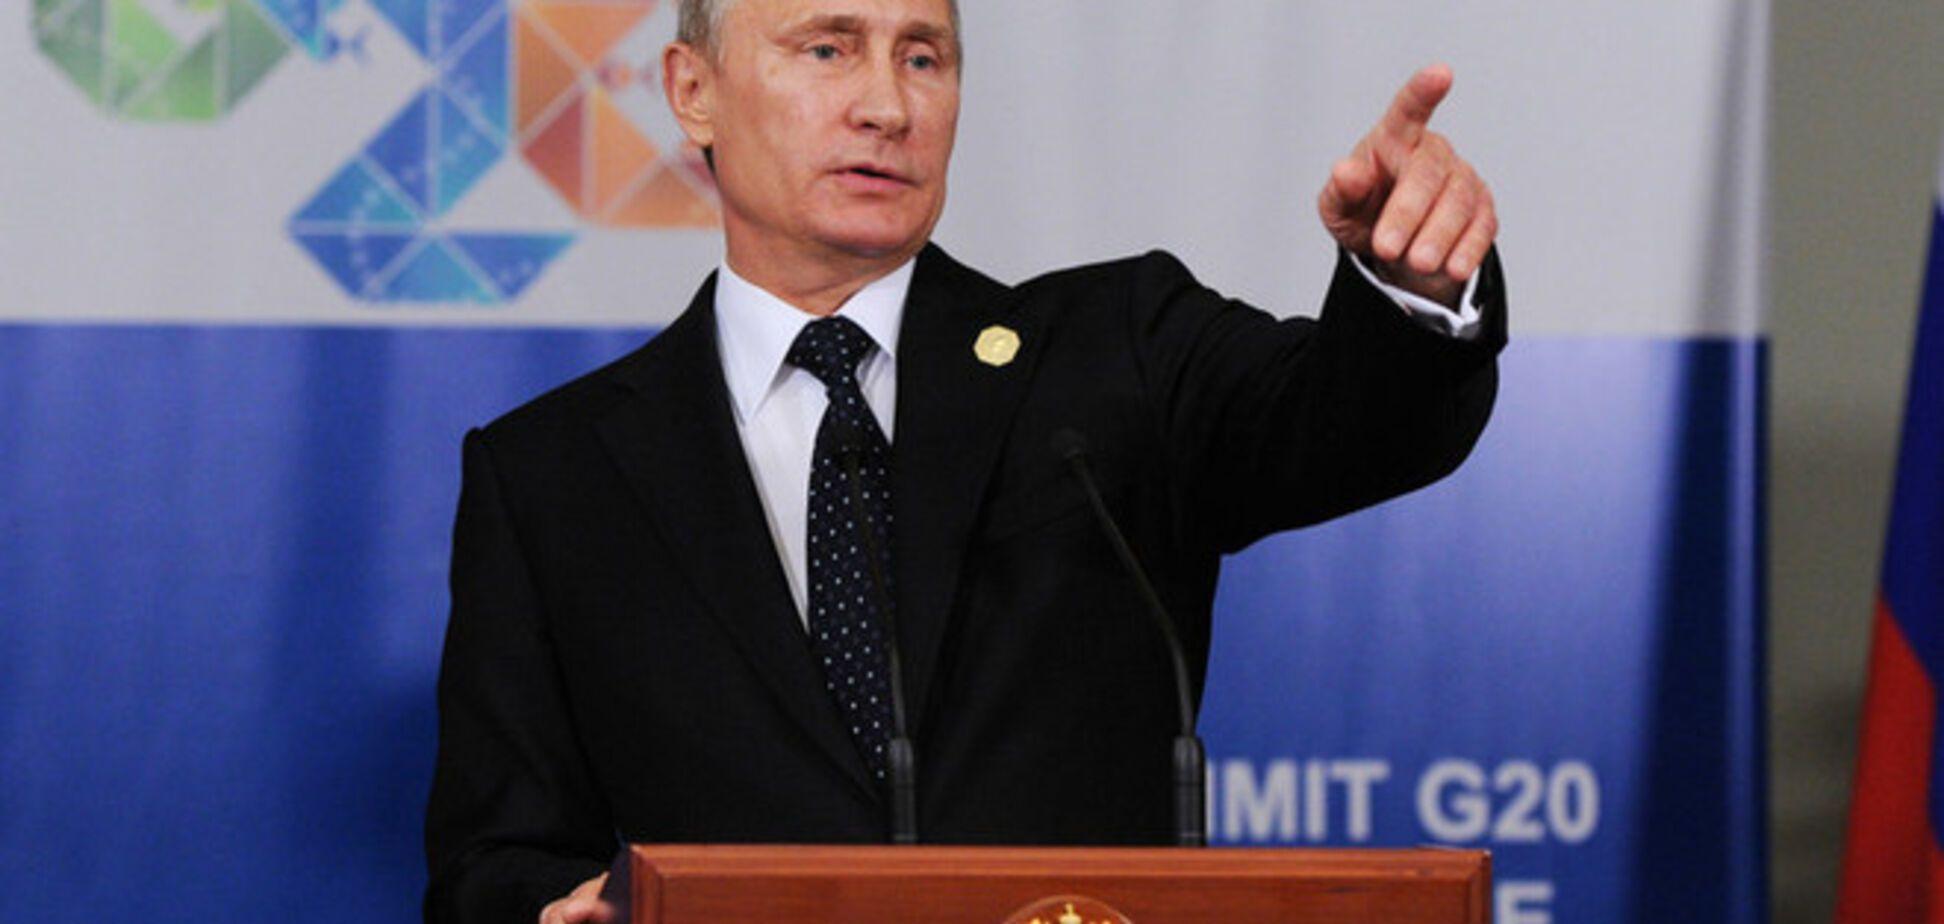 Путин сравнил Донбасс с Чечней